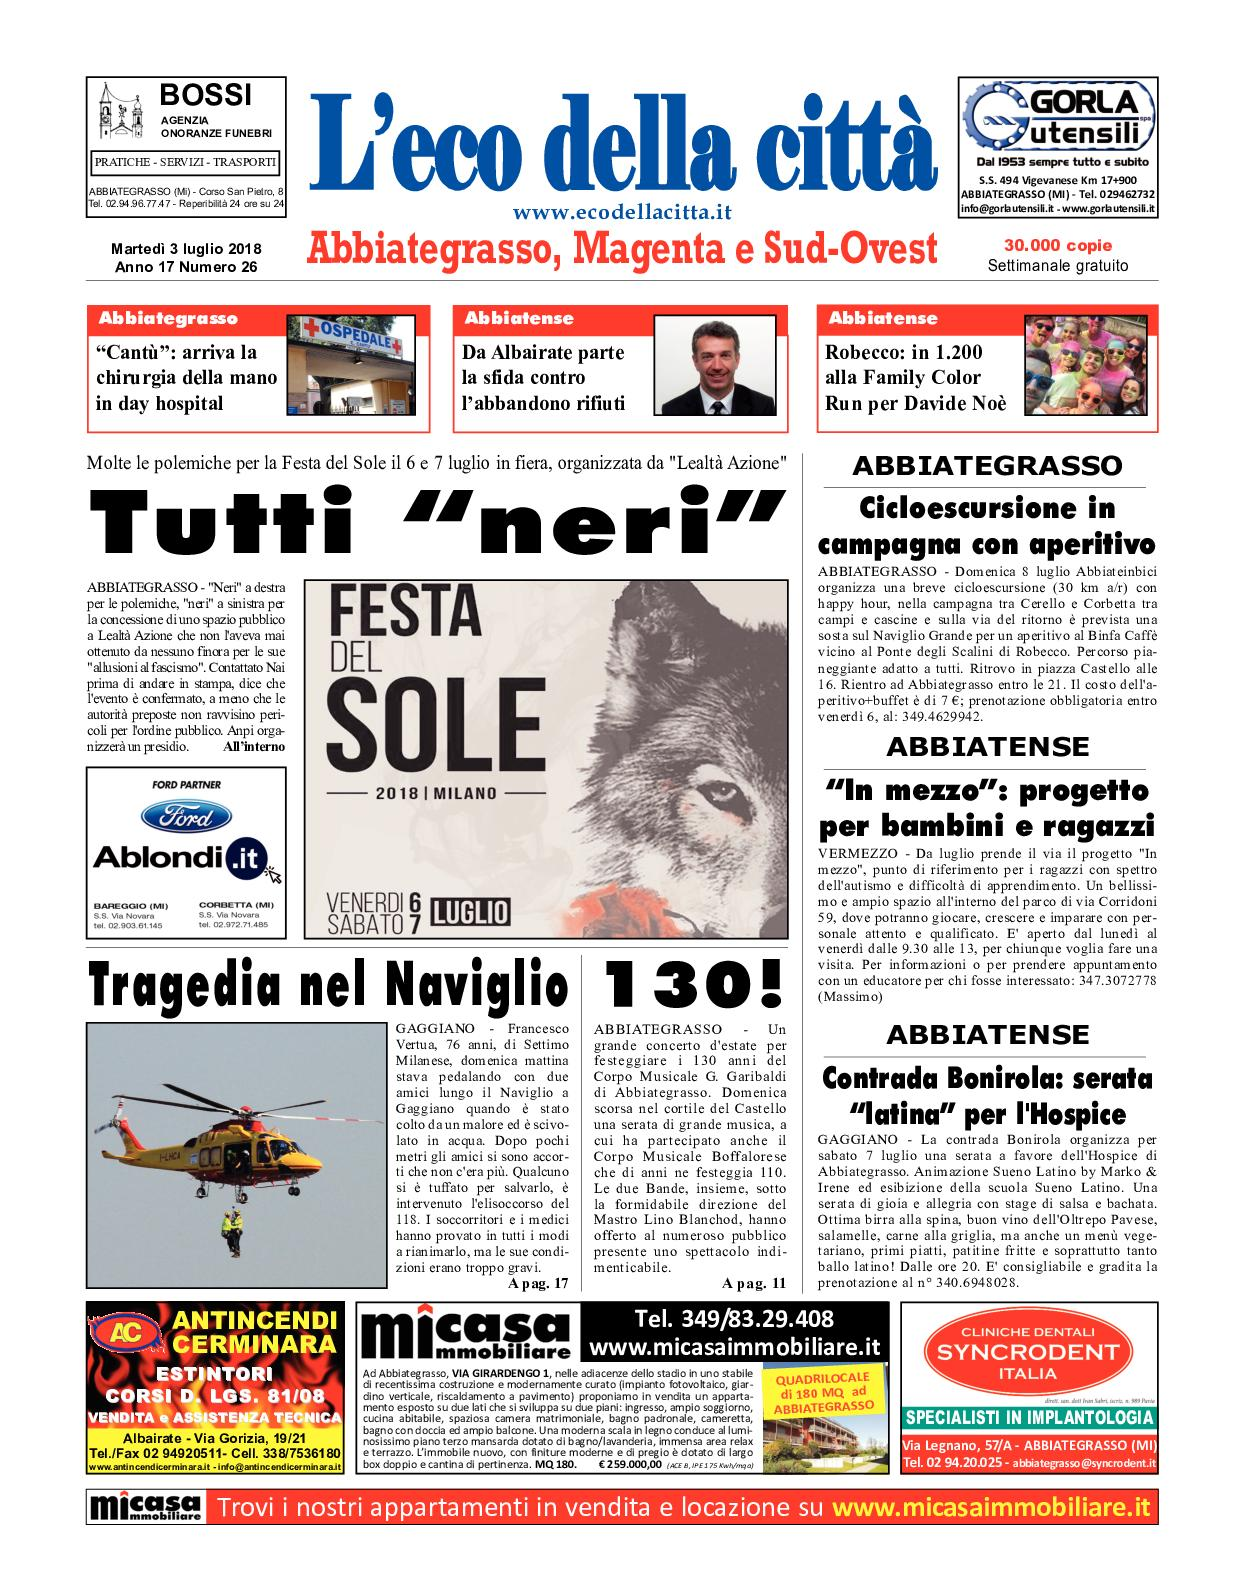 Santambrogio Tende Arquati L Angolo Del Materasso Di Santambrogio Fabrizio.Calameo L Eco Della Citta Del 3 Luglio 2018